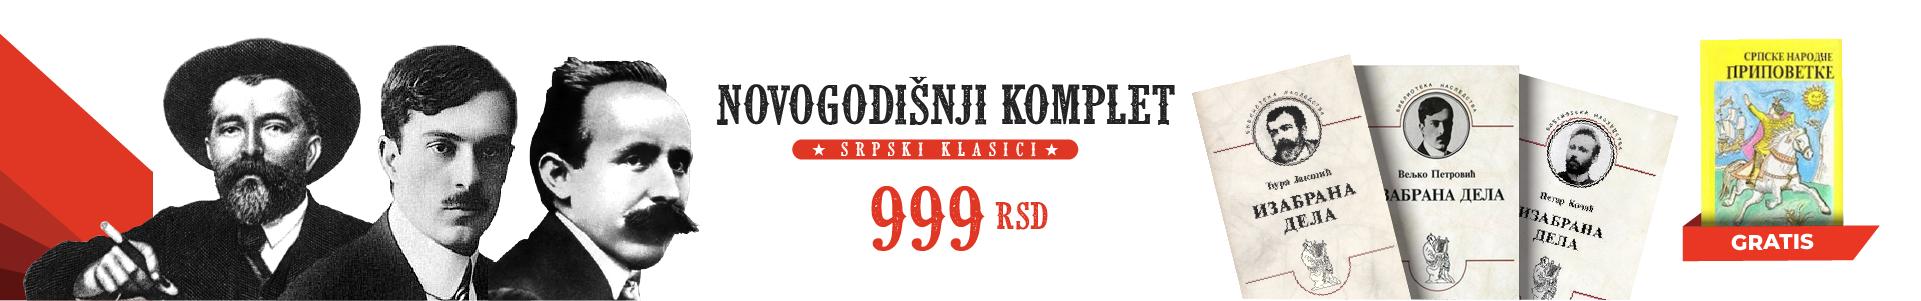 besplatna dostava, BESPLATNA DOSTAVA za narudžbine preko 2000 dinara